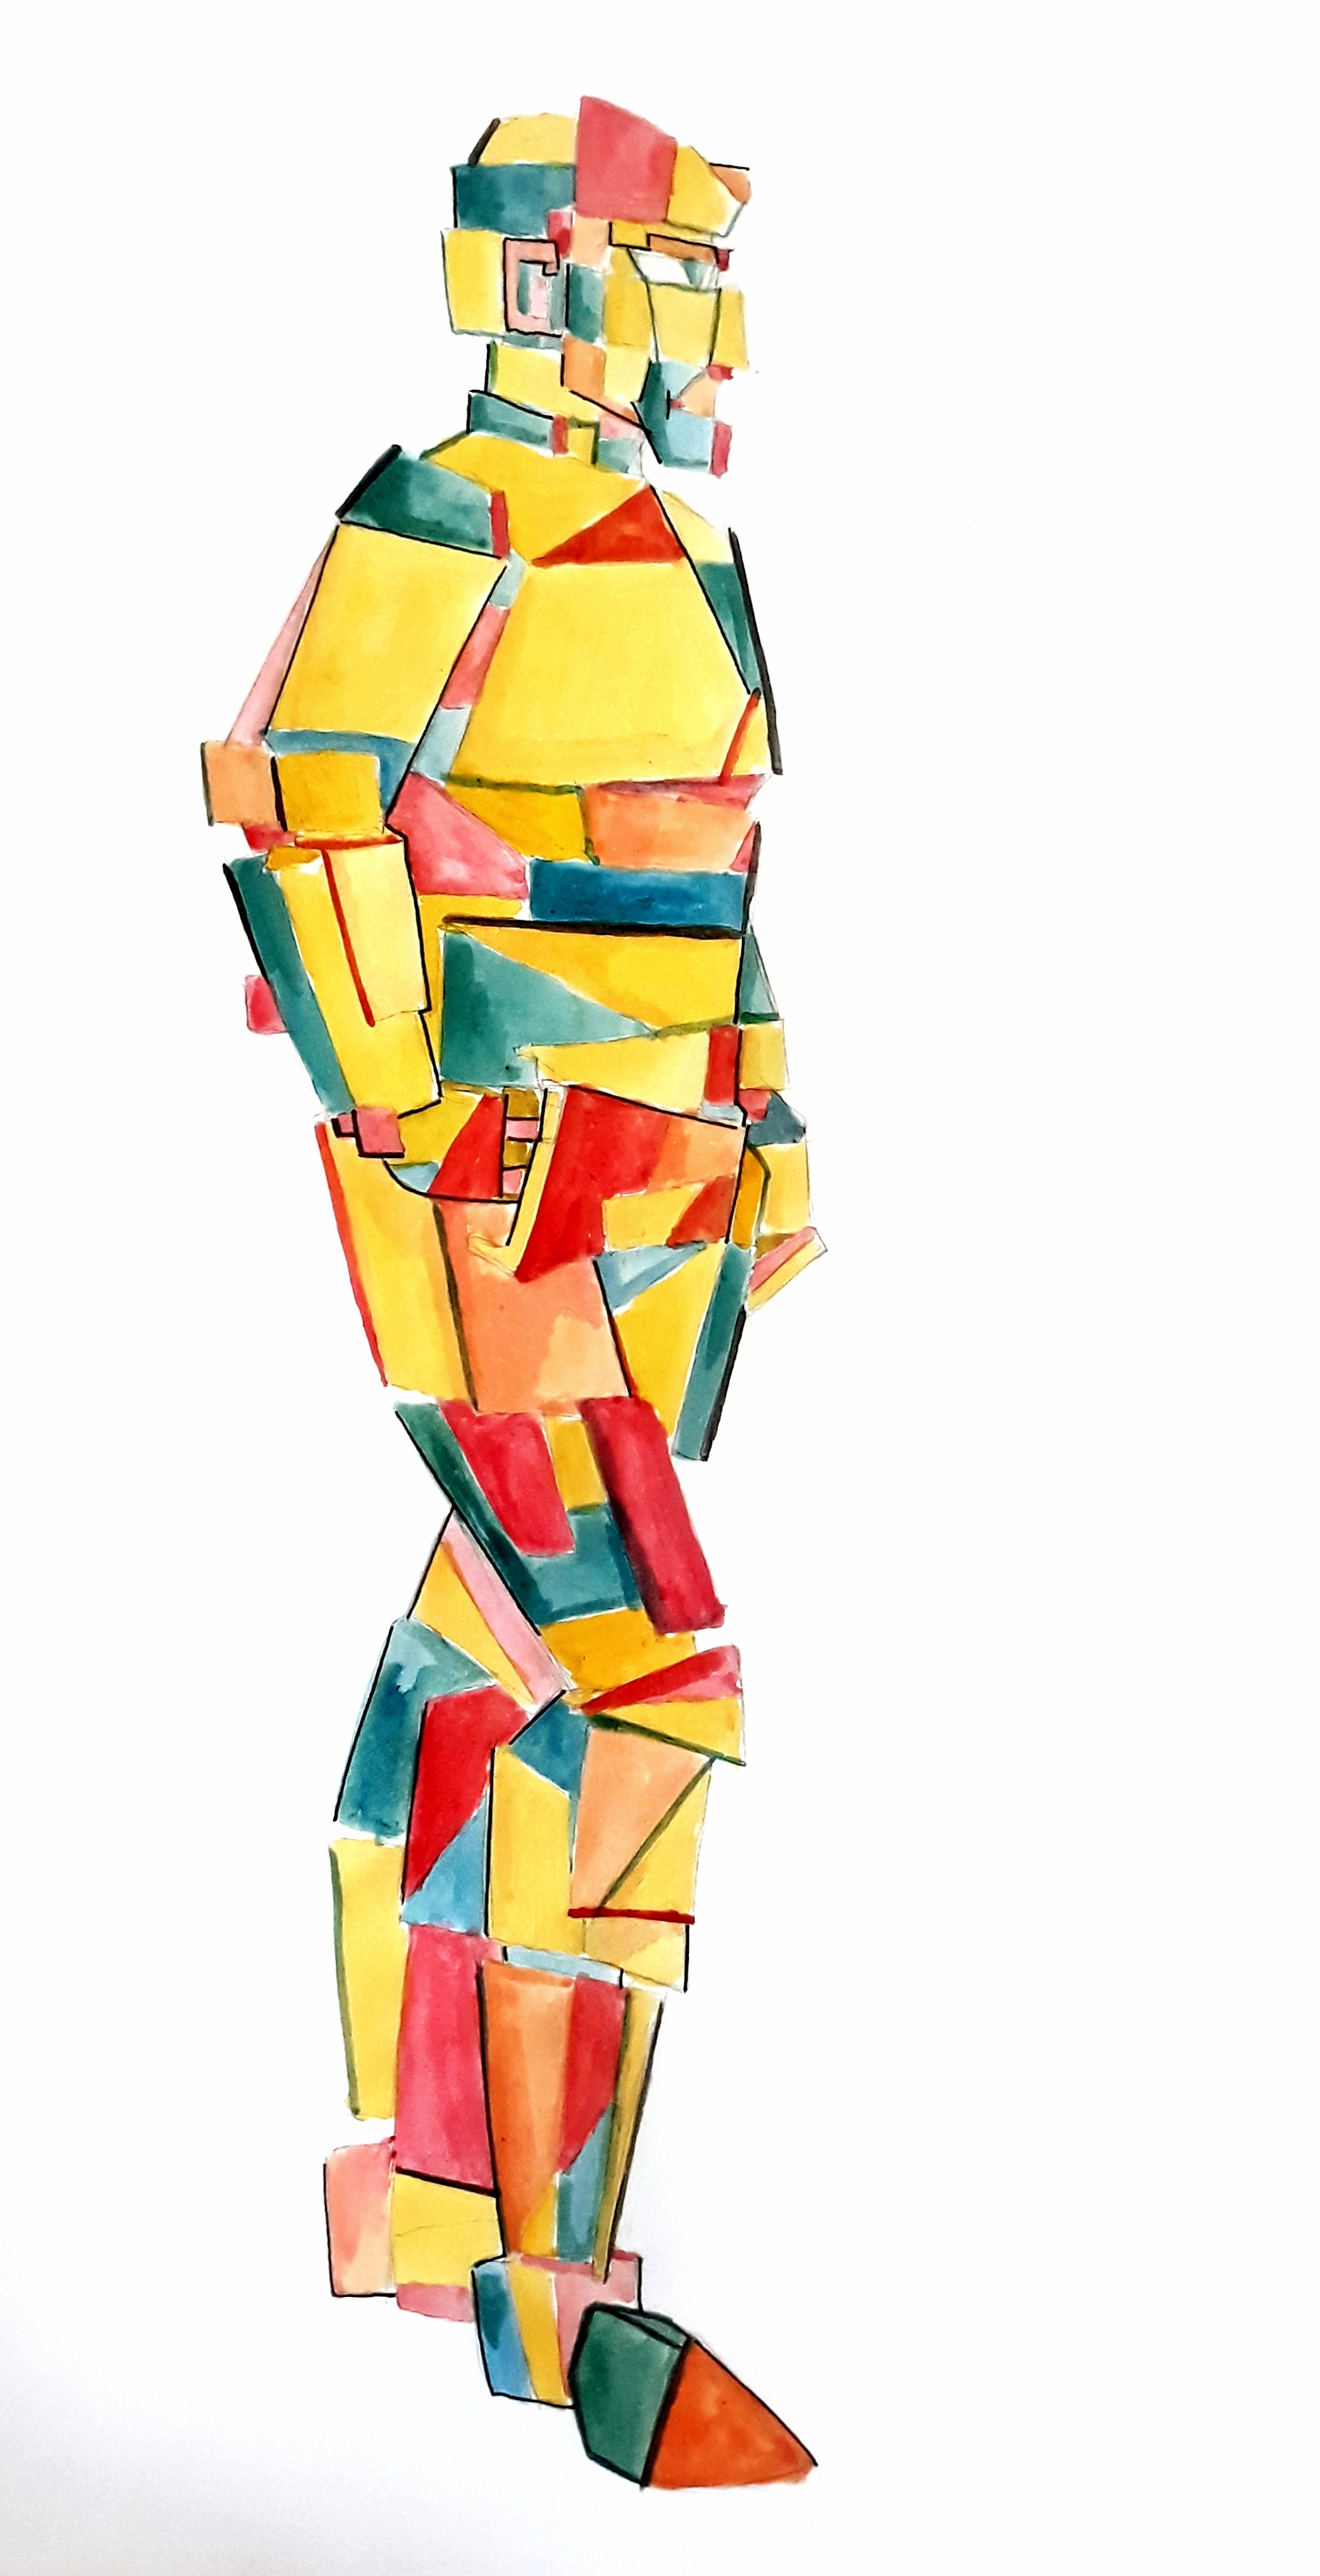 Cubism models